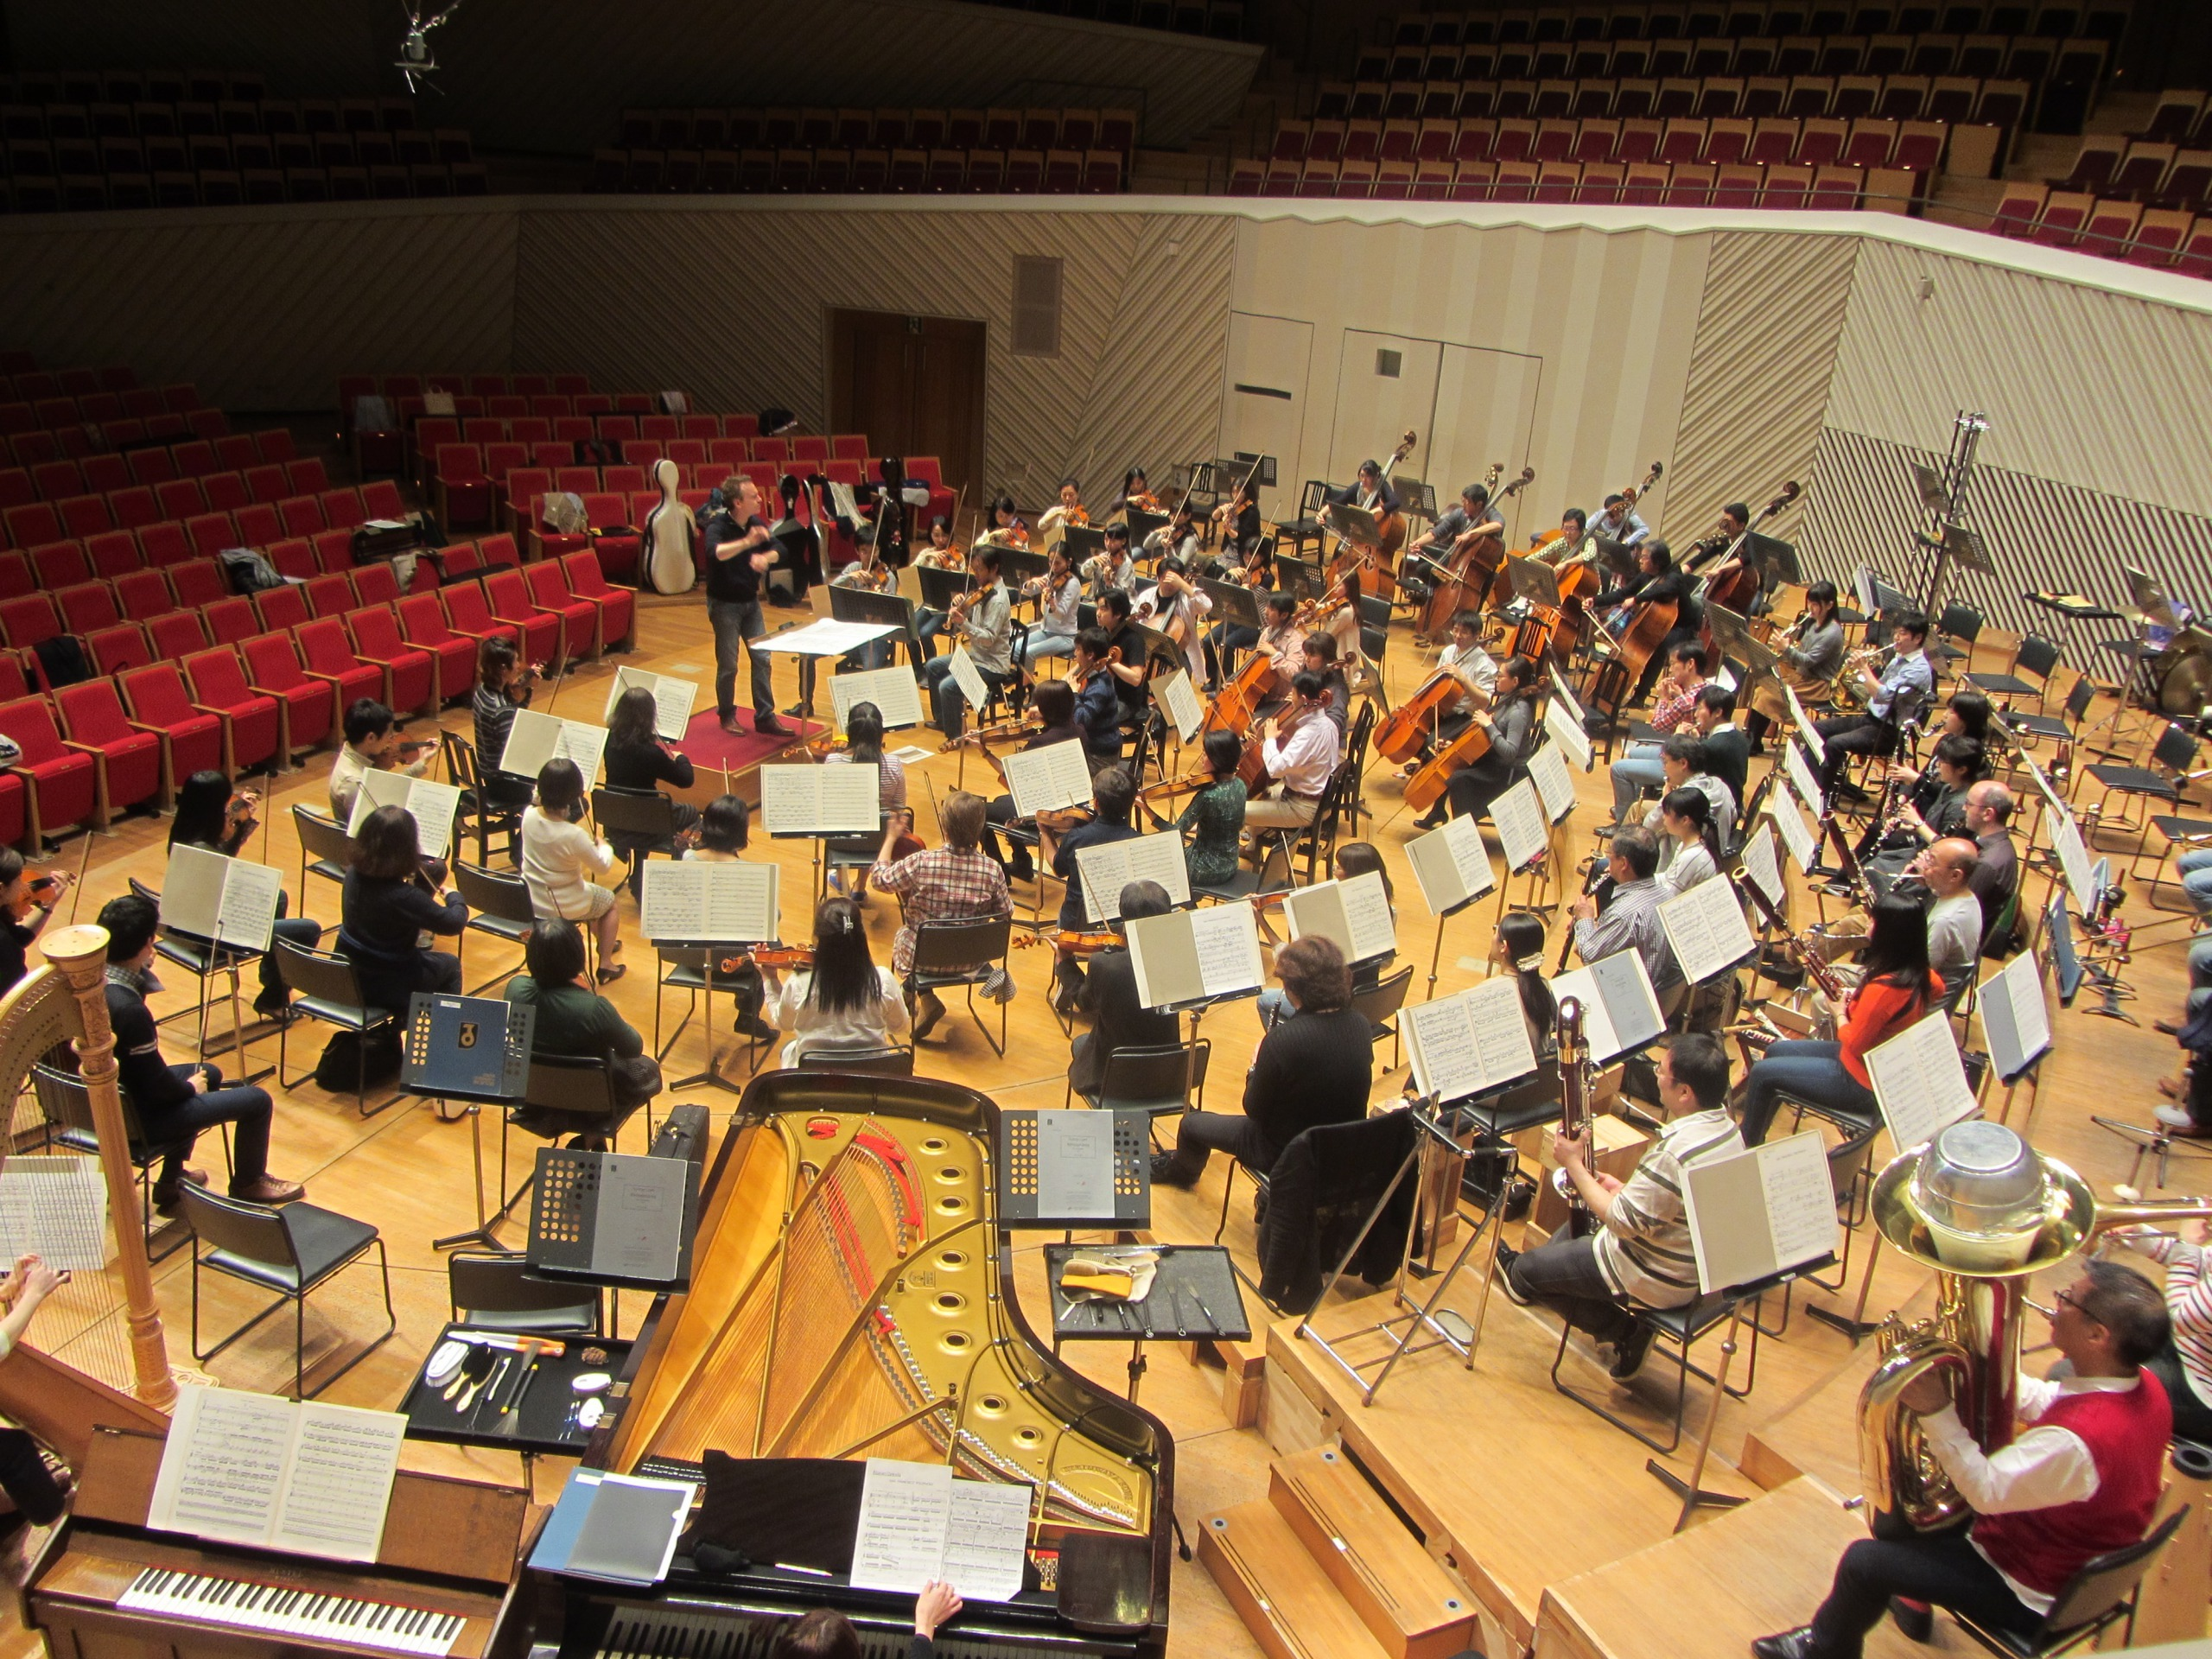 大作「サンフランシスコ・ポリフォニー」では大編成オーケストラが活躍する (提供:東京交響楽団)